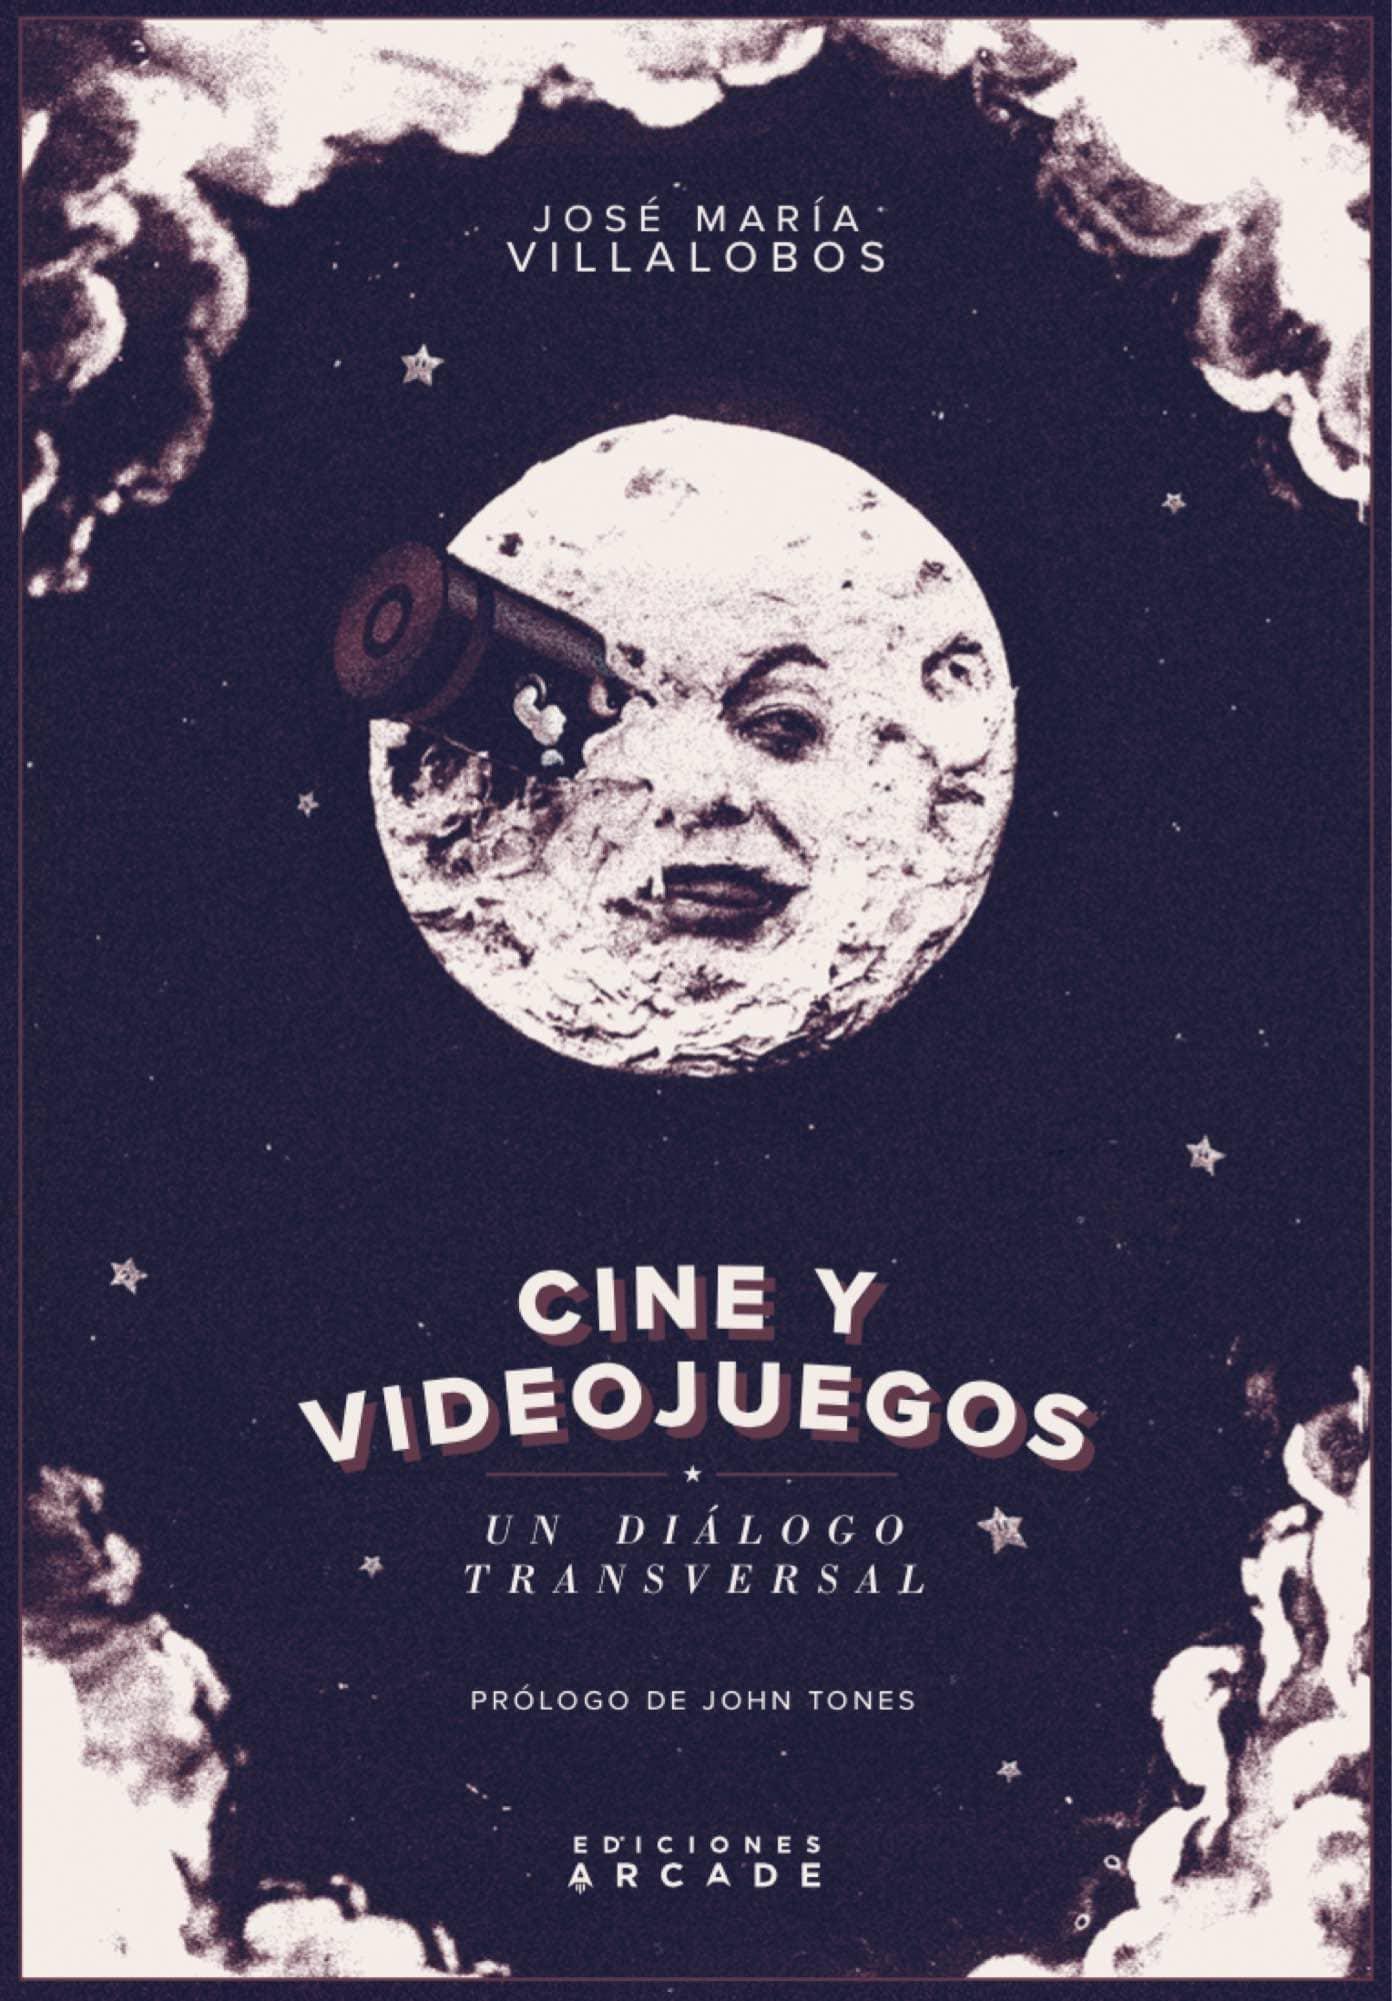 CINE Y VIDEOJUEGOS: UN DIALOGO TRANSVERSAL